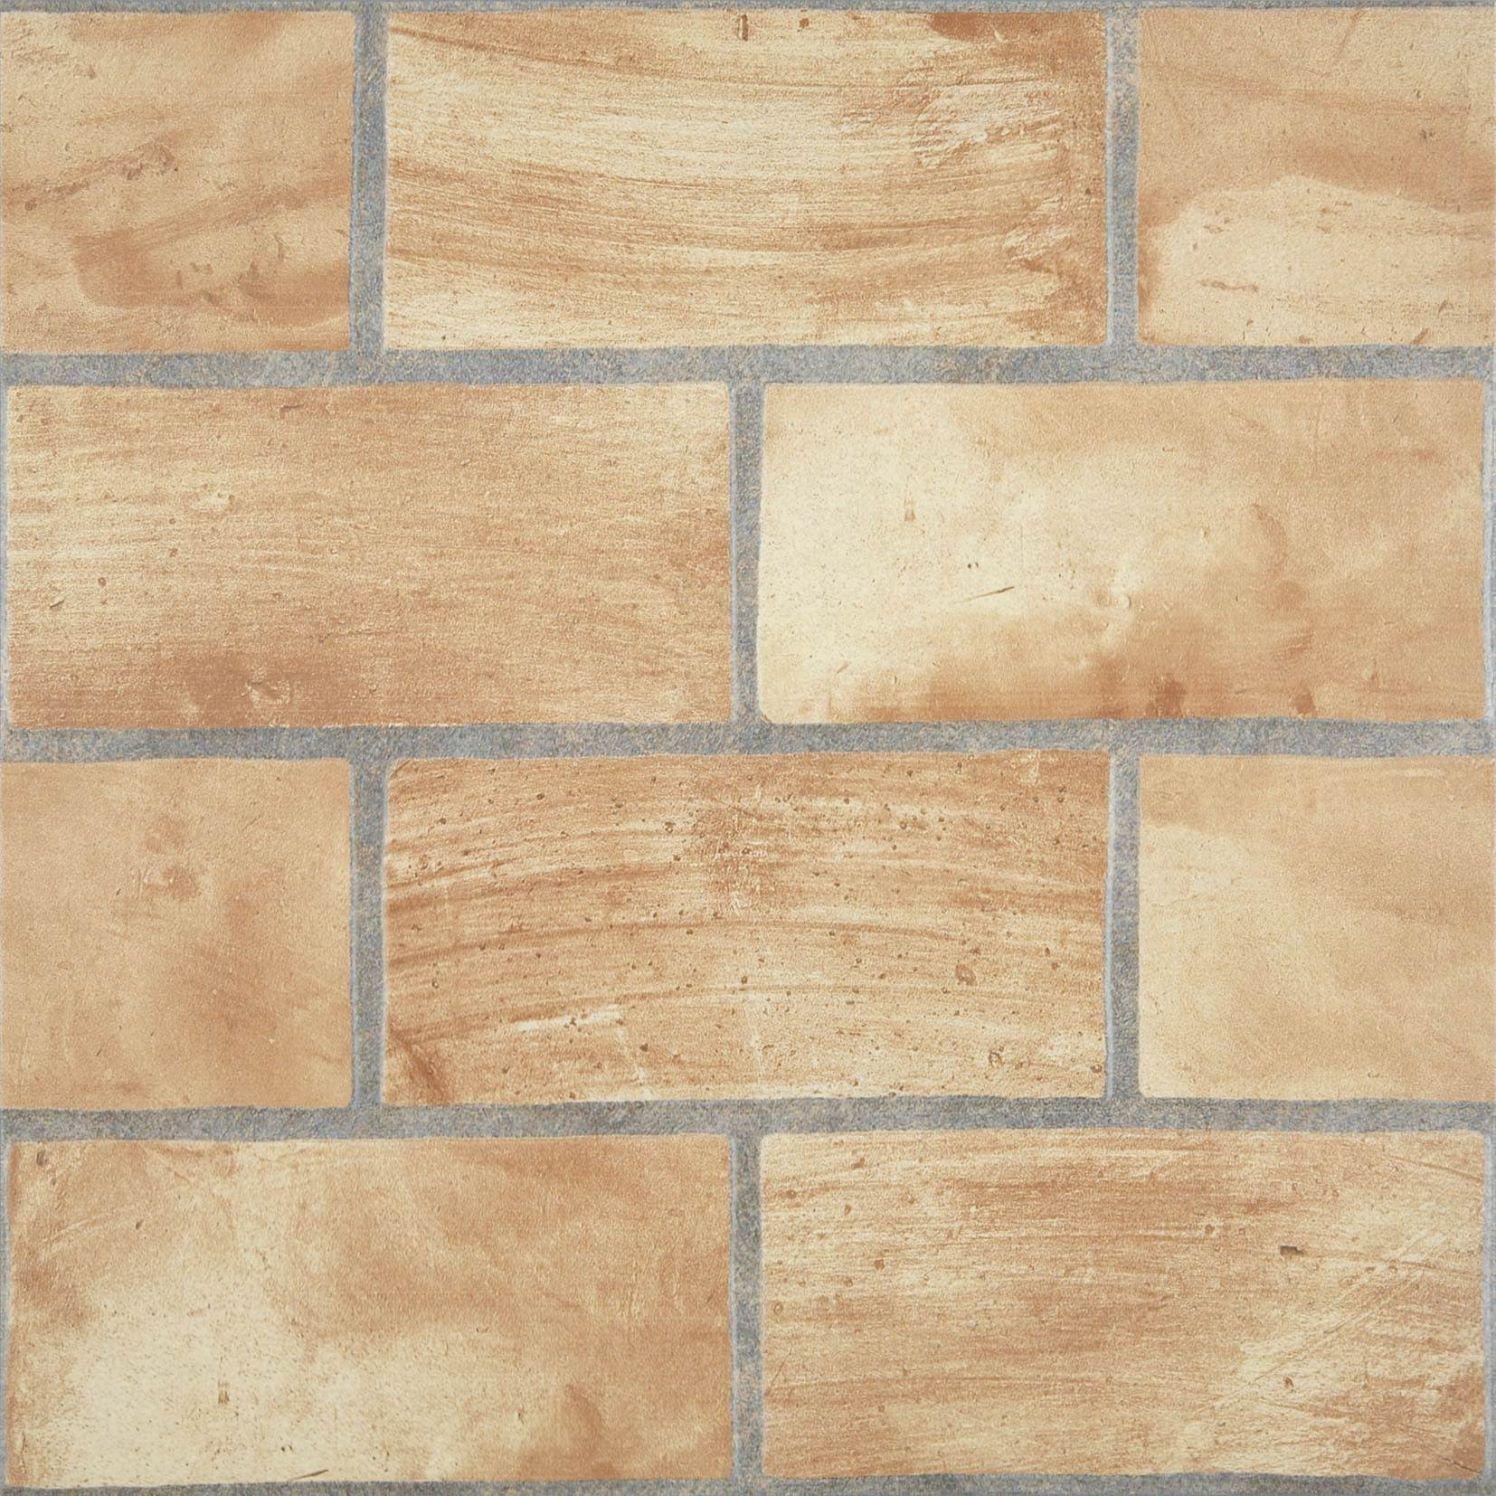 Pavimento R Stico Clase 2 Terracota Arena 1 50x50pavimento De  ~ Como Limpiar Suelo Antideslizante